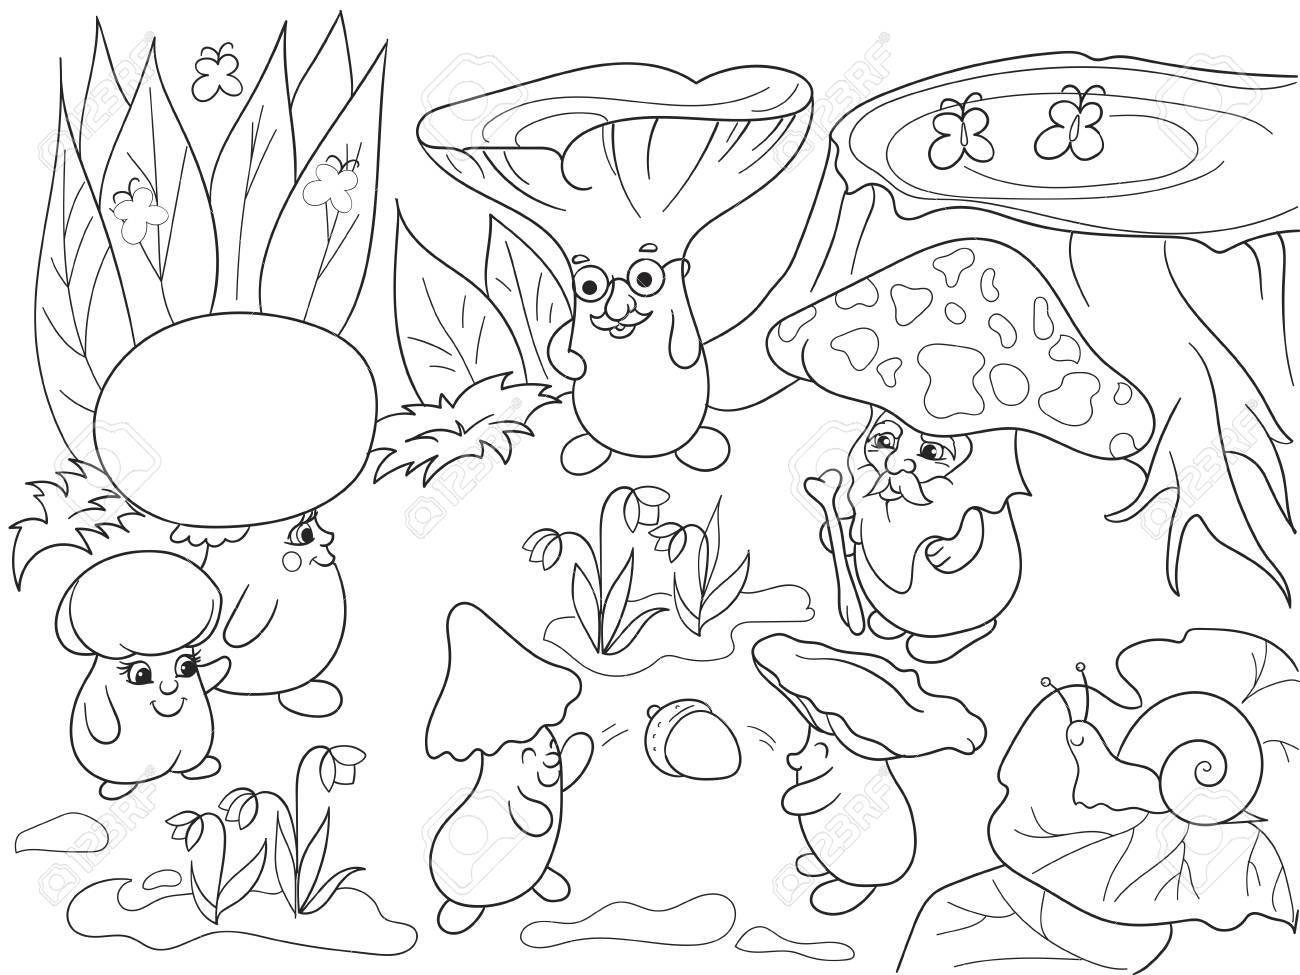 Familia De Setas En El Bosque Para Colorear Libro Para Niños Ilustración Vectorial De Dibujos Animados